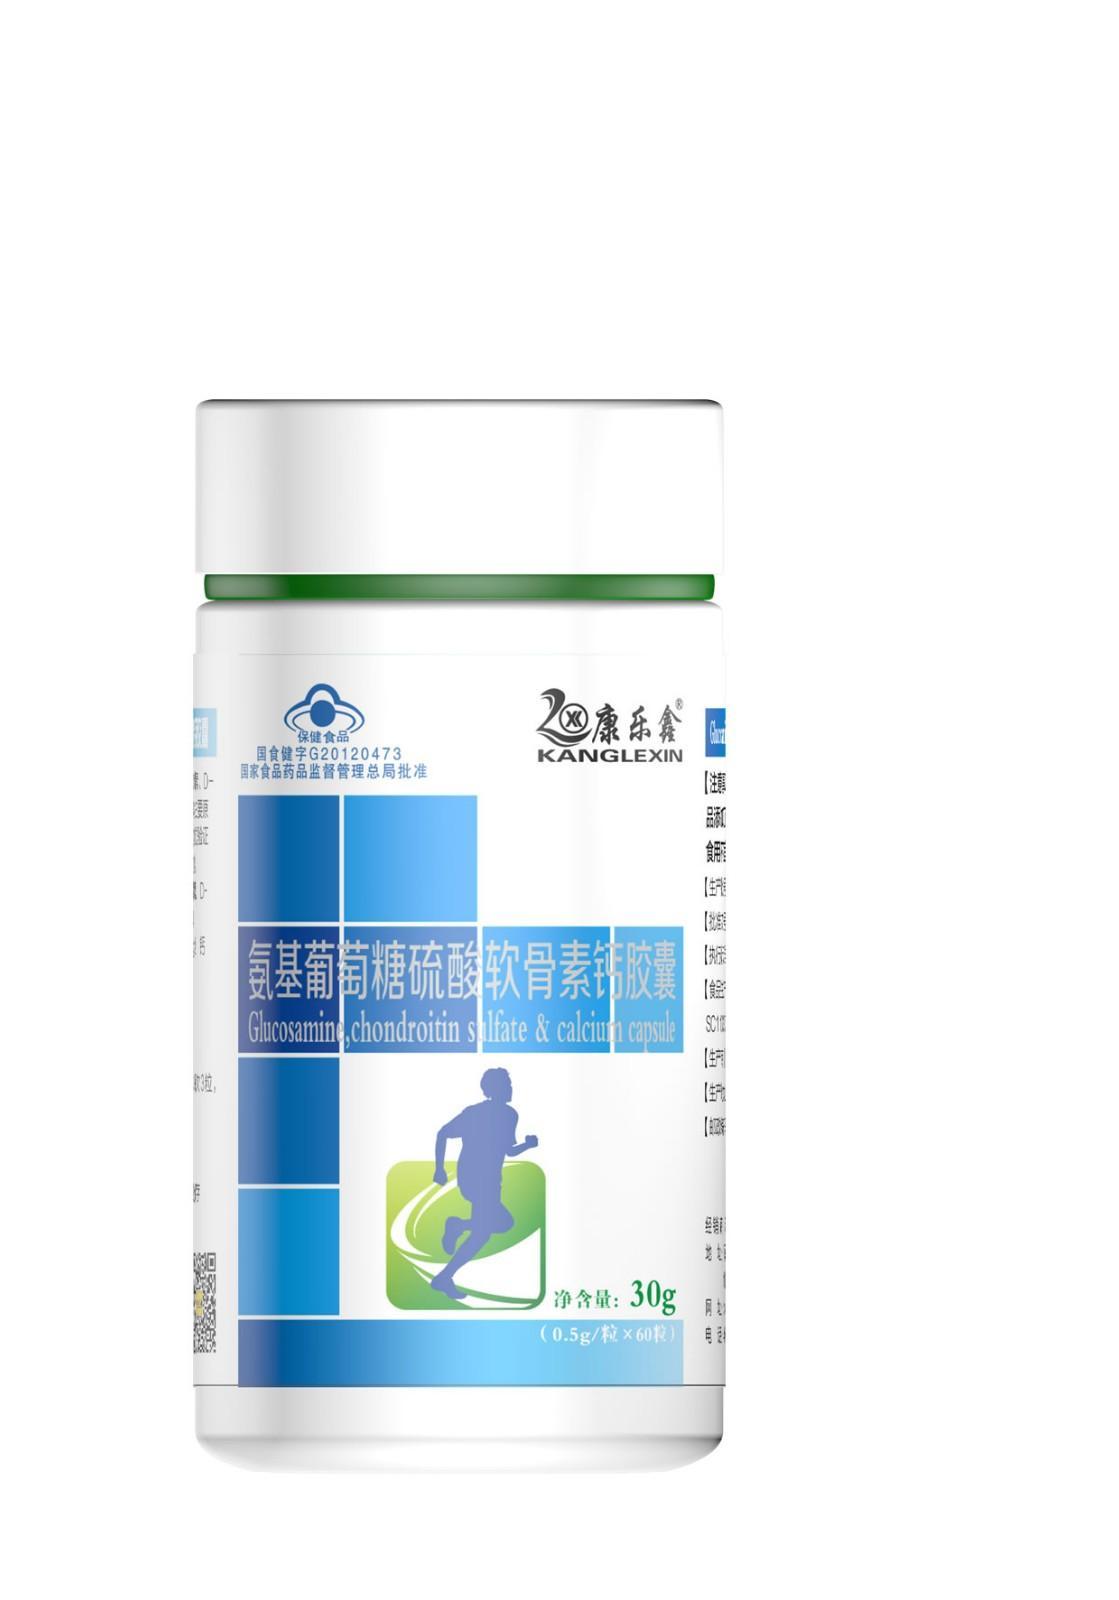 康乐鑫-氨基葡萄糖硫酸软骨素钙胶囊